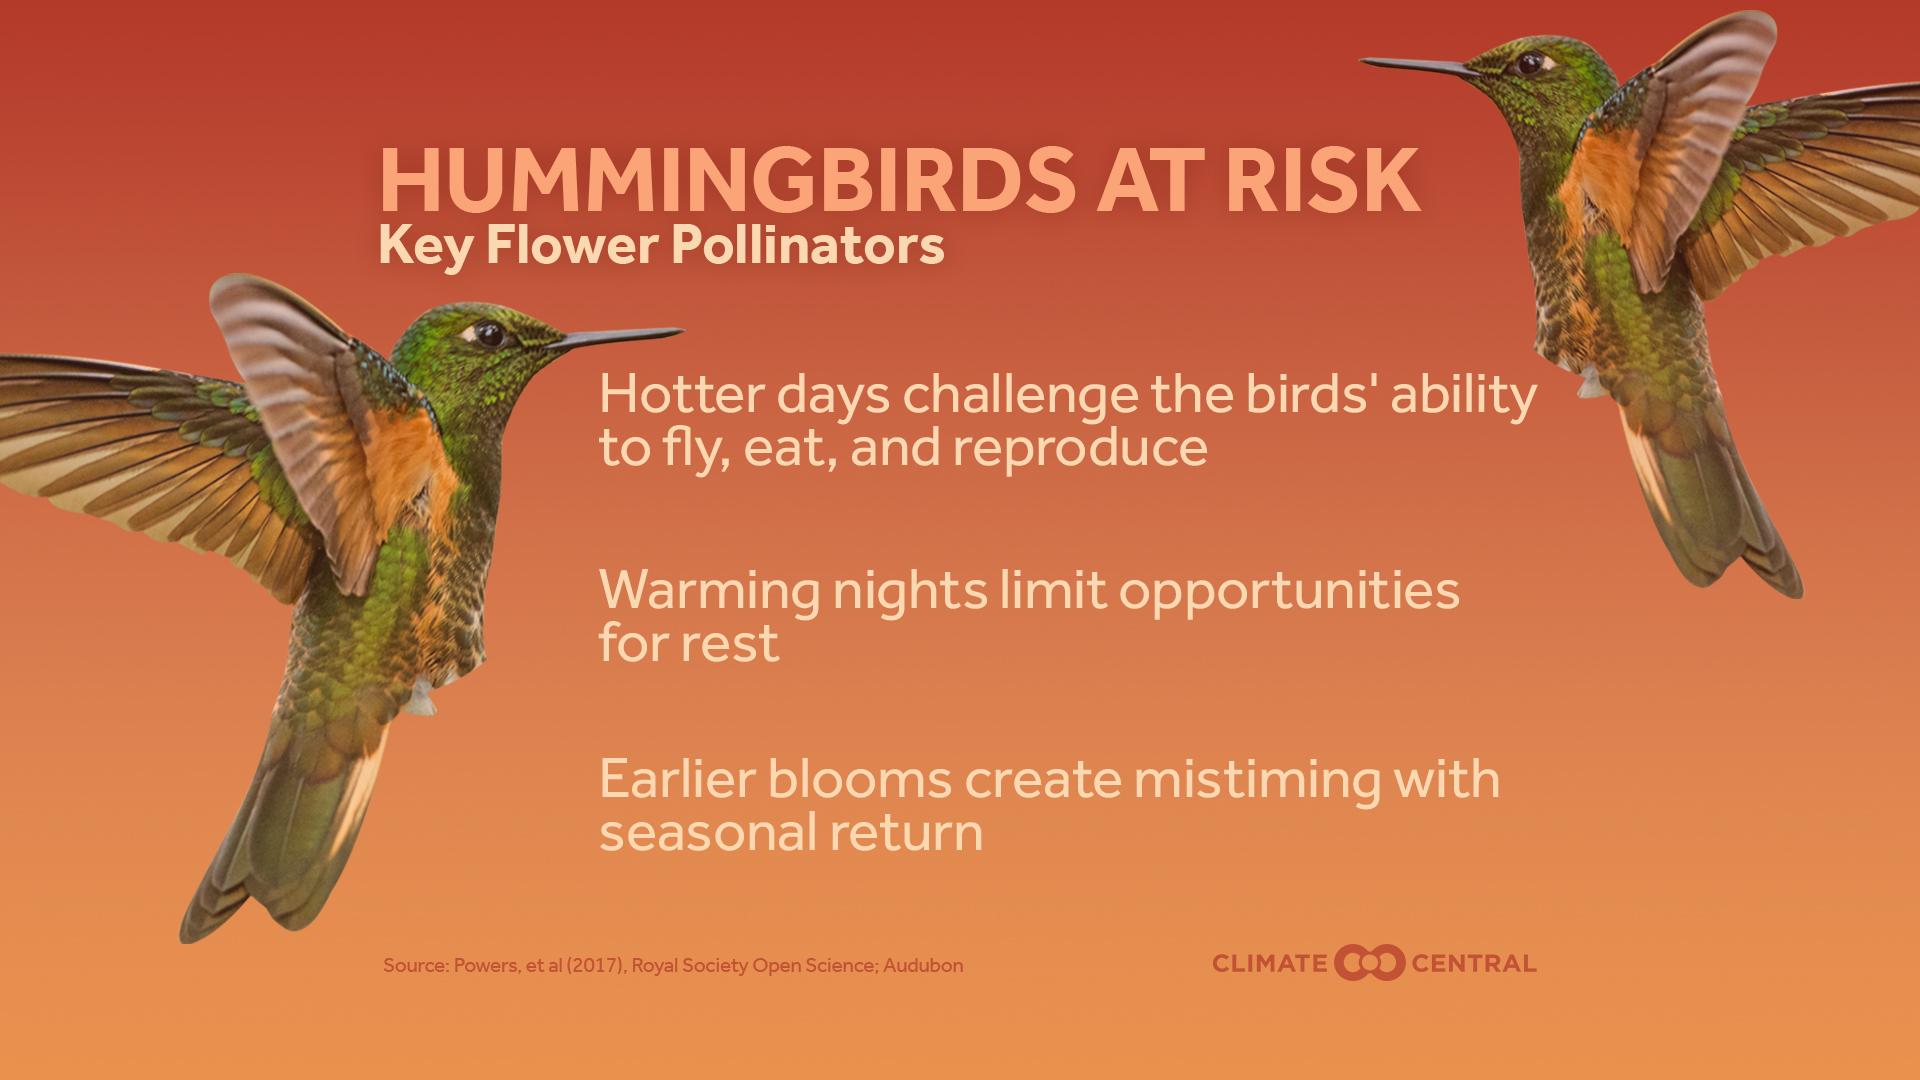 HUmmingbird_1526006124177.jpg